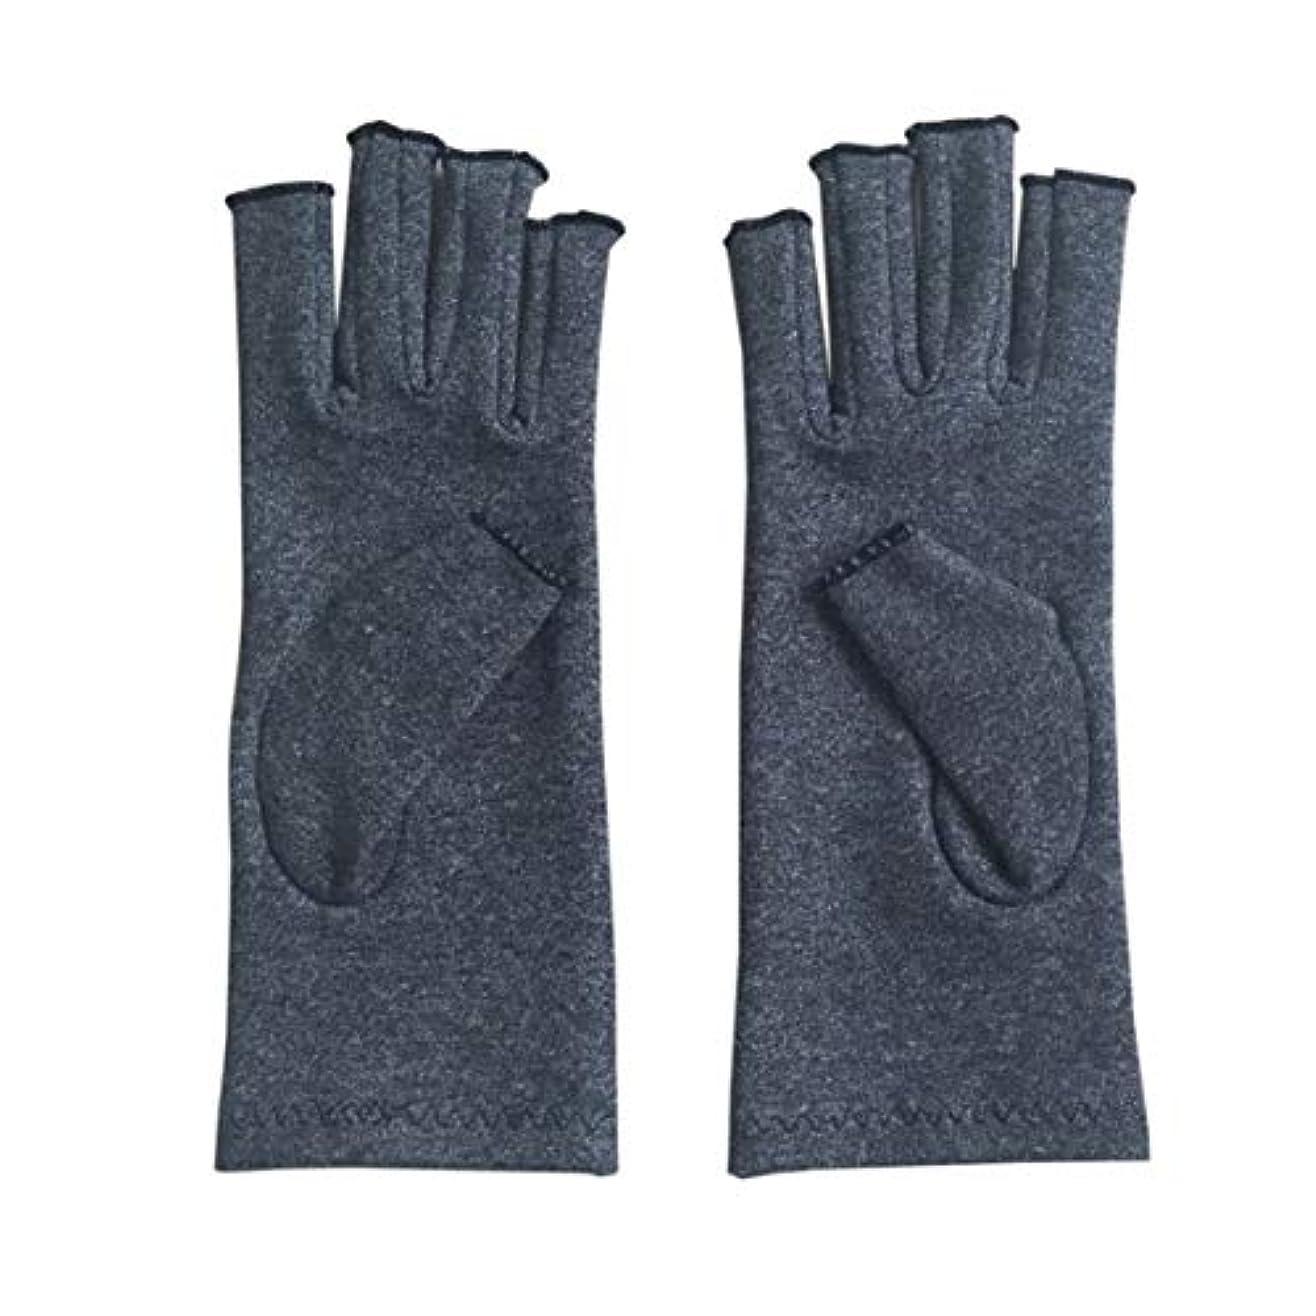 保険神秘的な気味の悪いIntercorey Aペア/セット快適な男性女性通気性関節炎関節痛緩和手袋